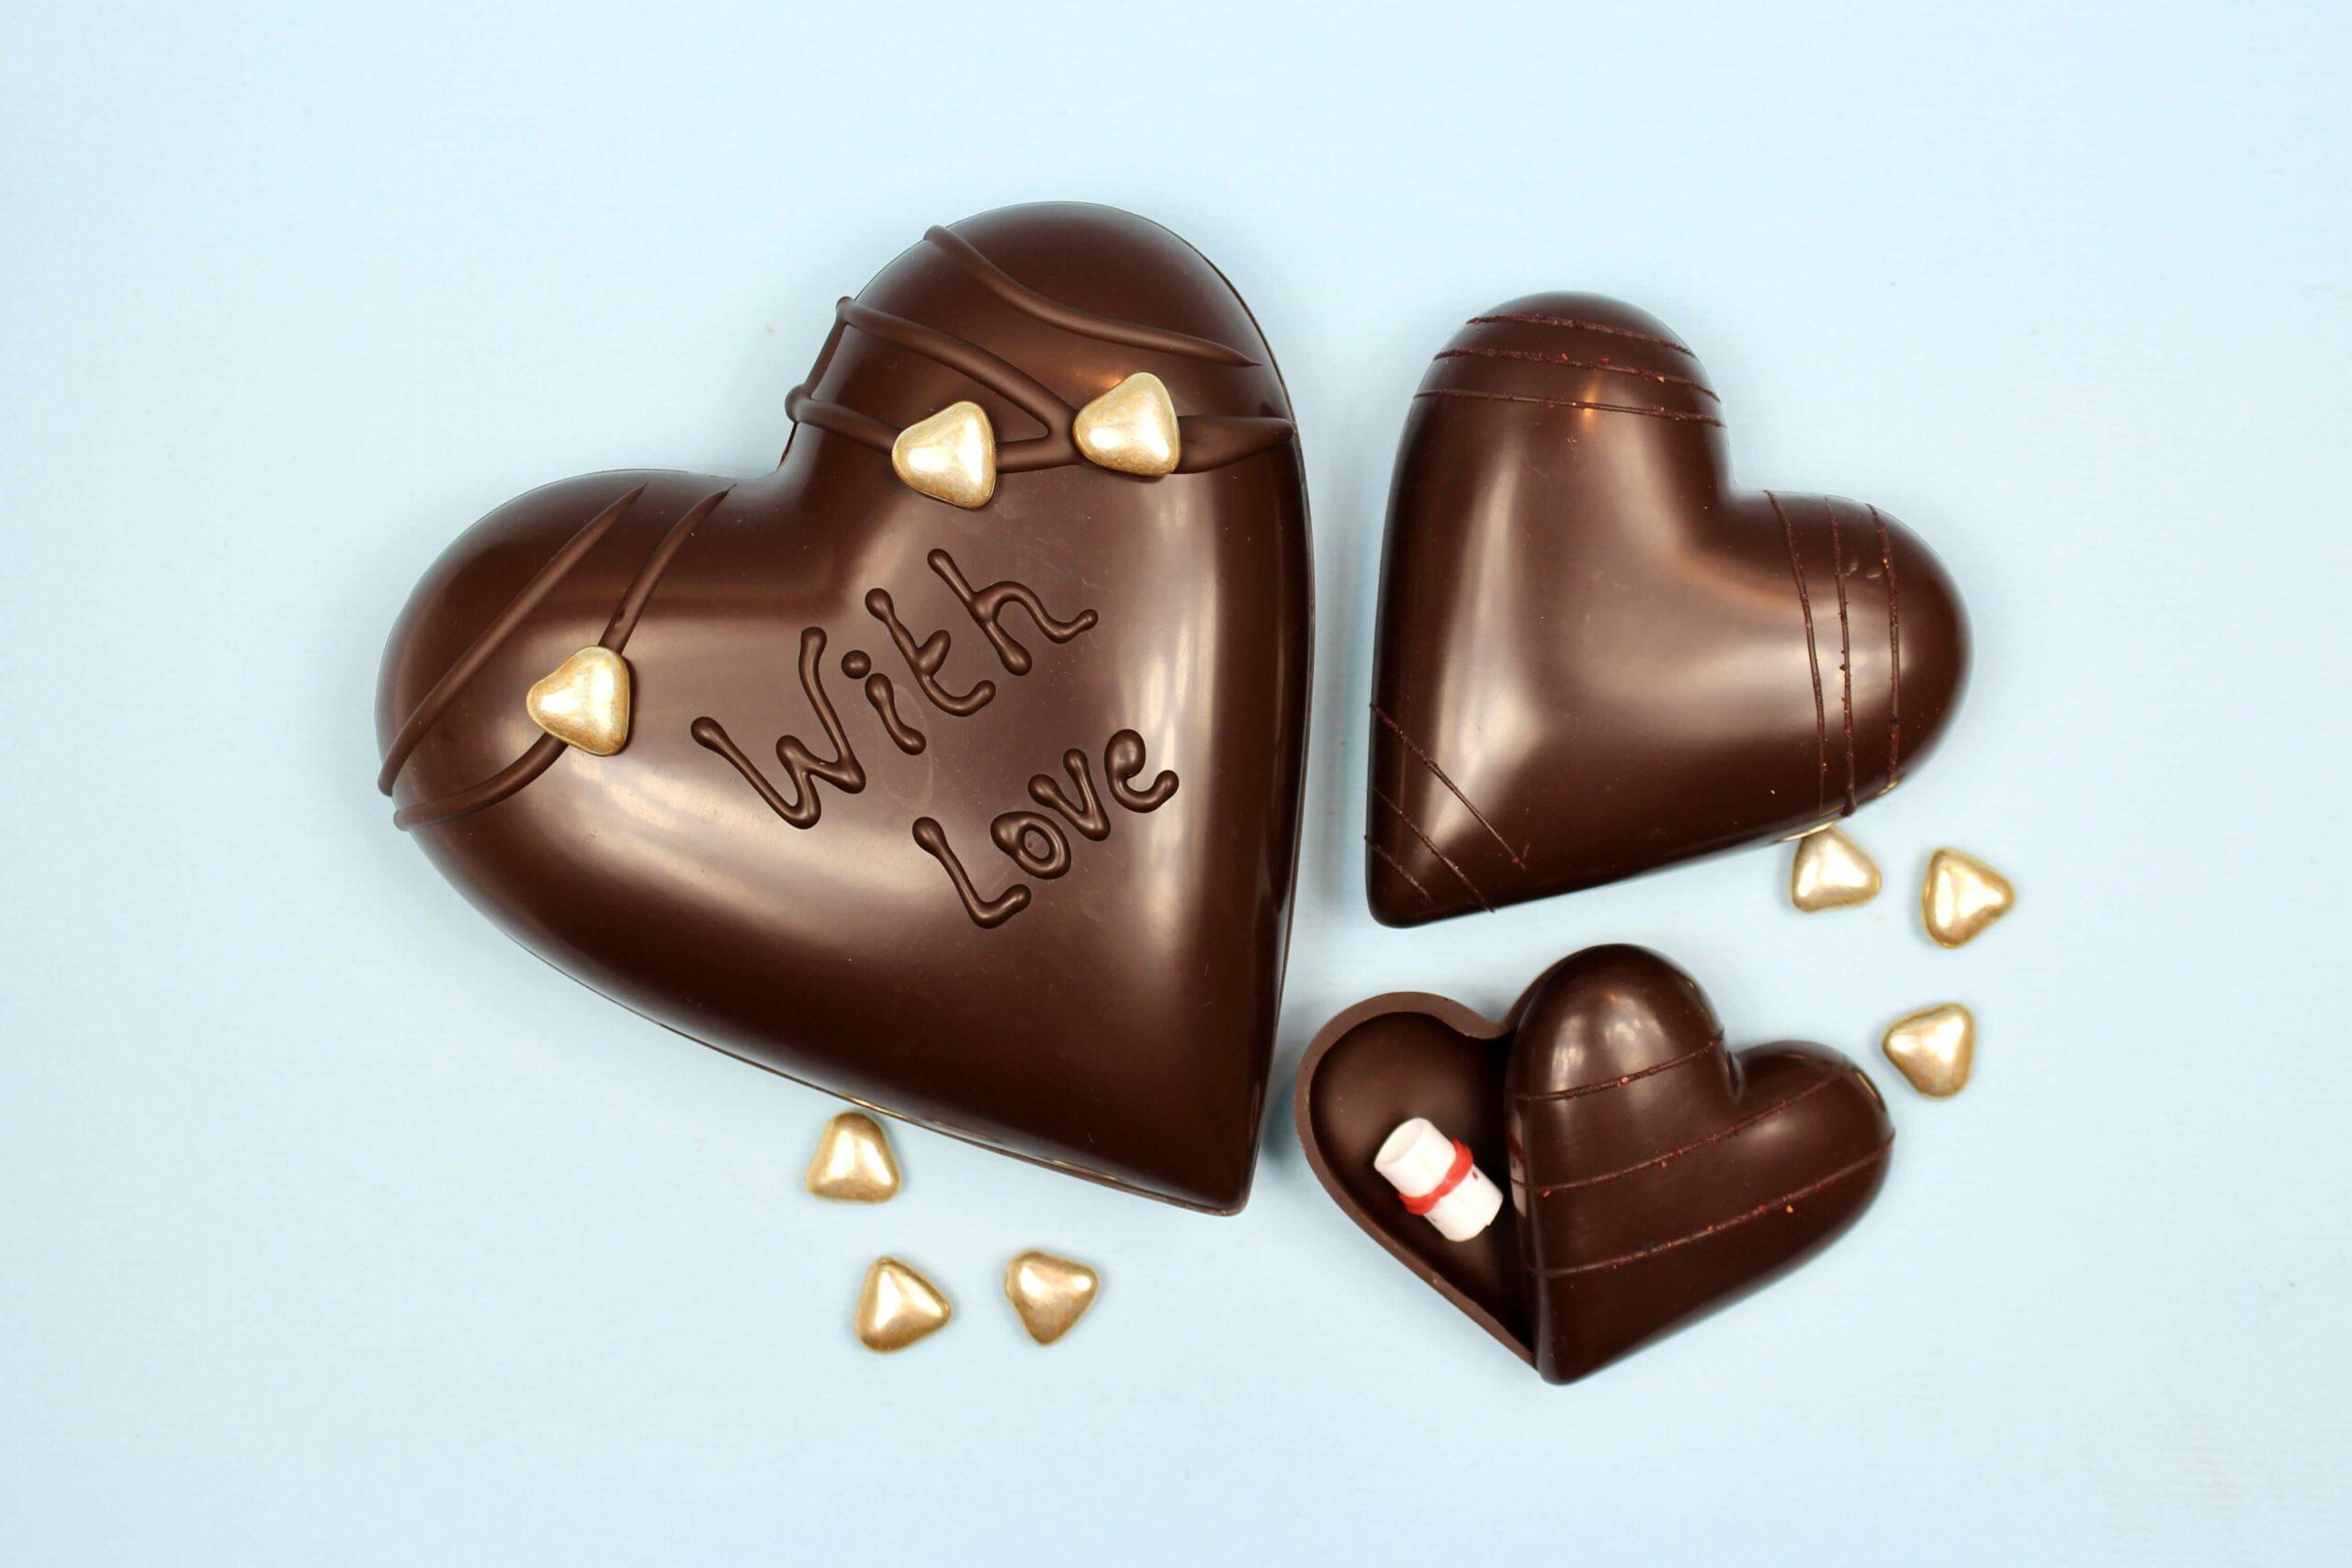 hd ghent matroeska heart dark chocolate valentine 2021 set of 3